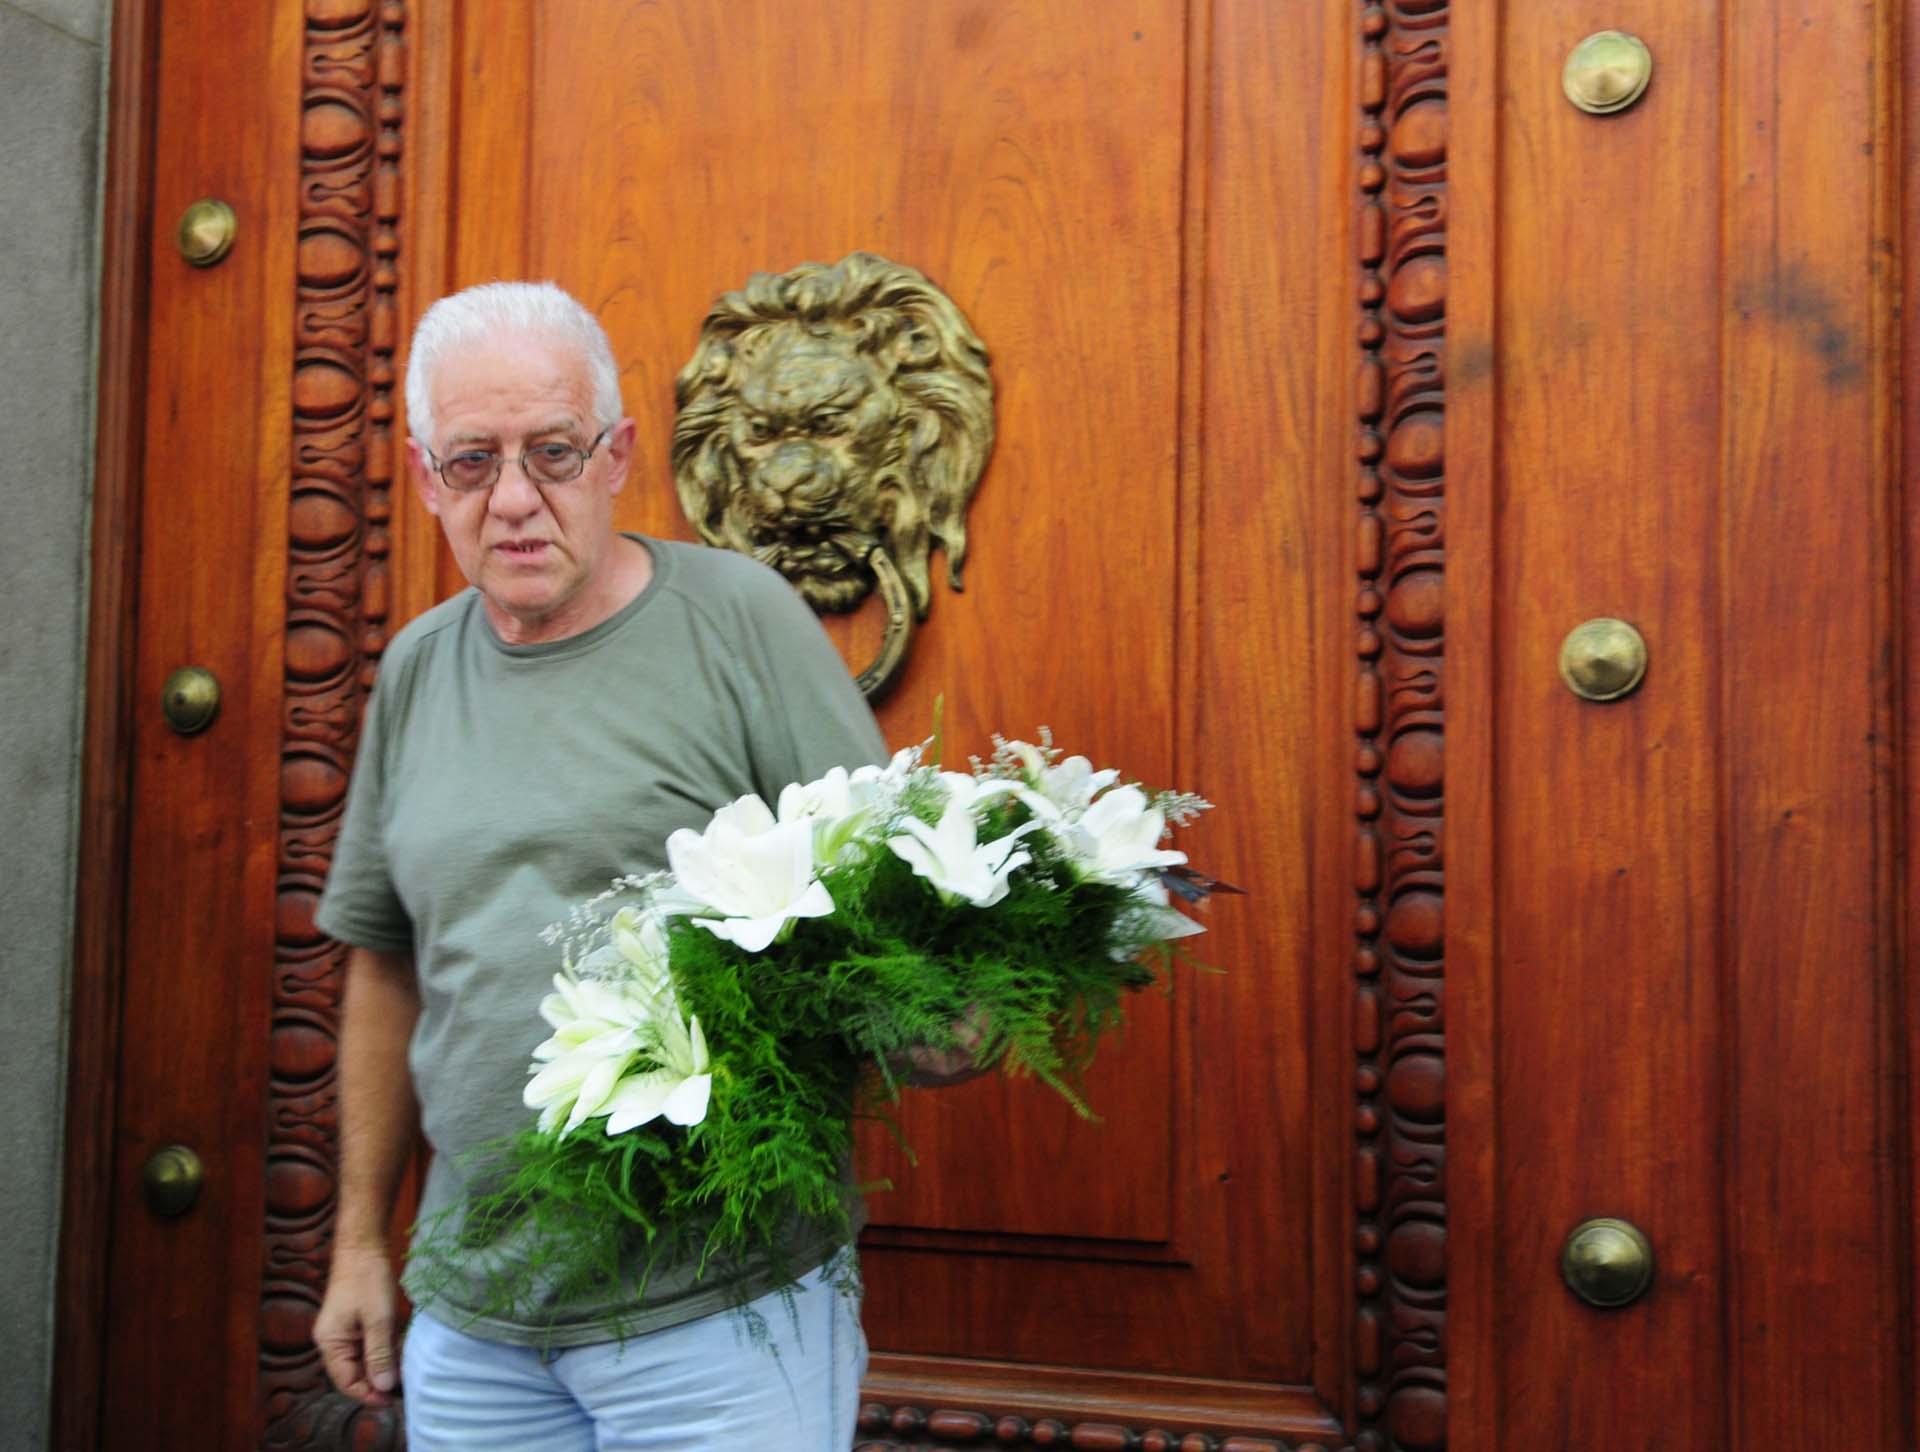 La gente también le acercó ramos de flores